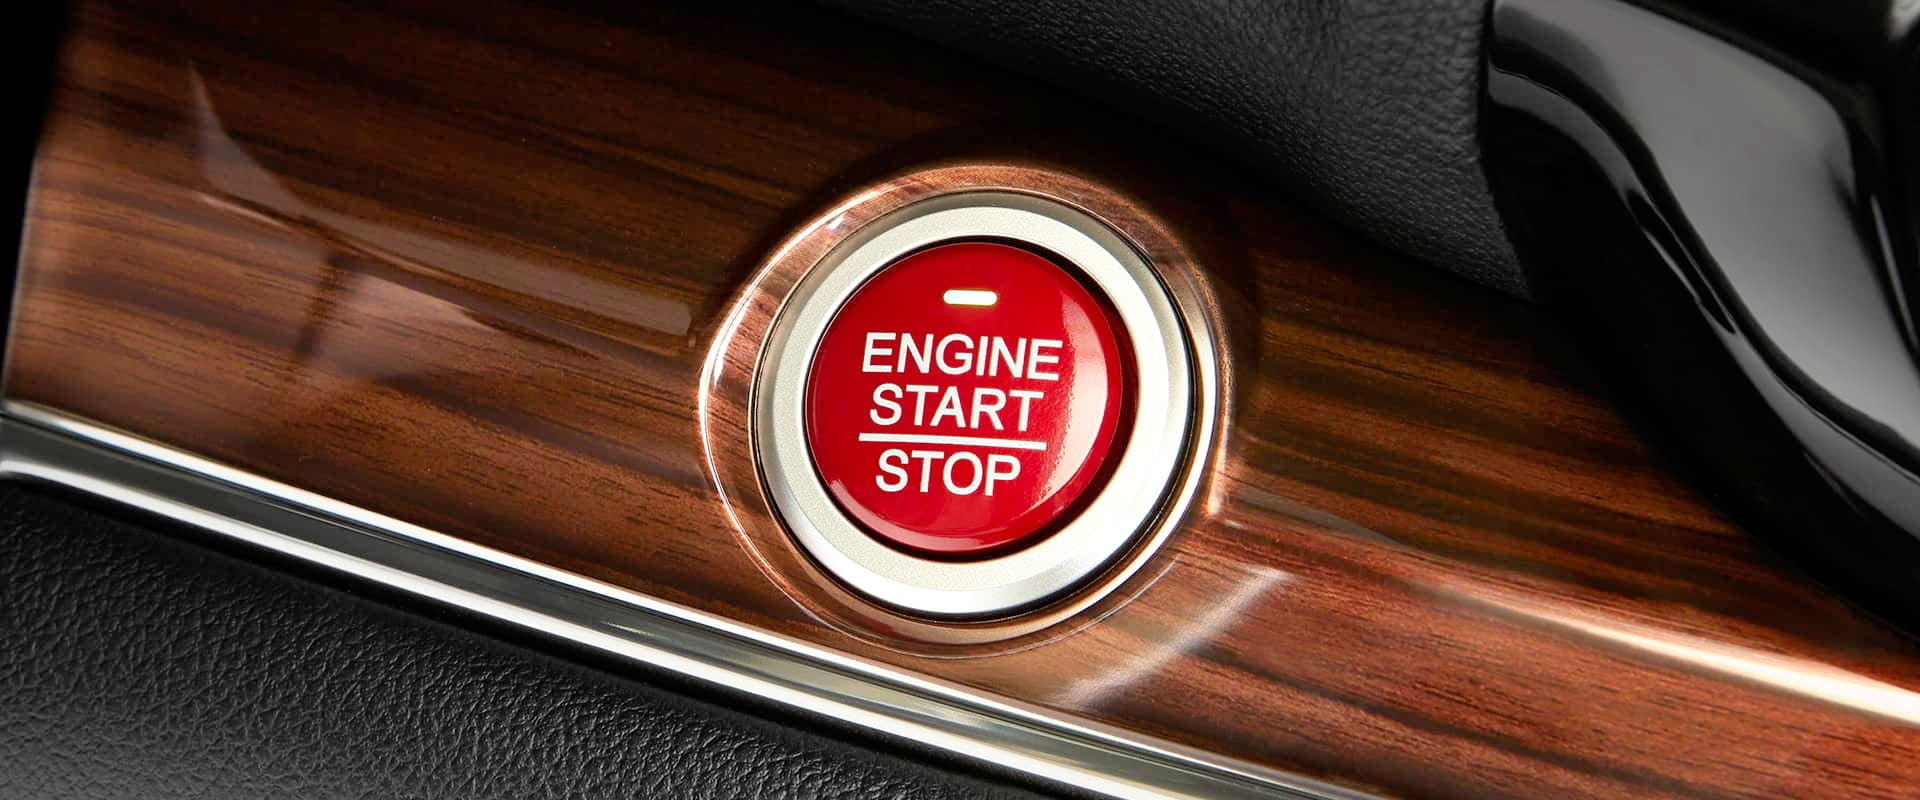 Botão Start/Stop (Partida sem chave)